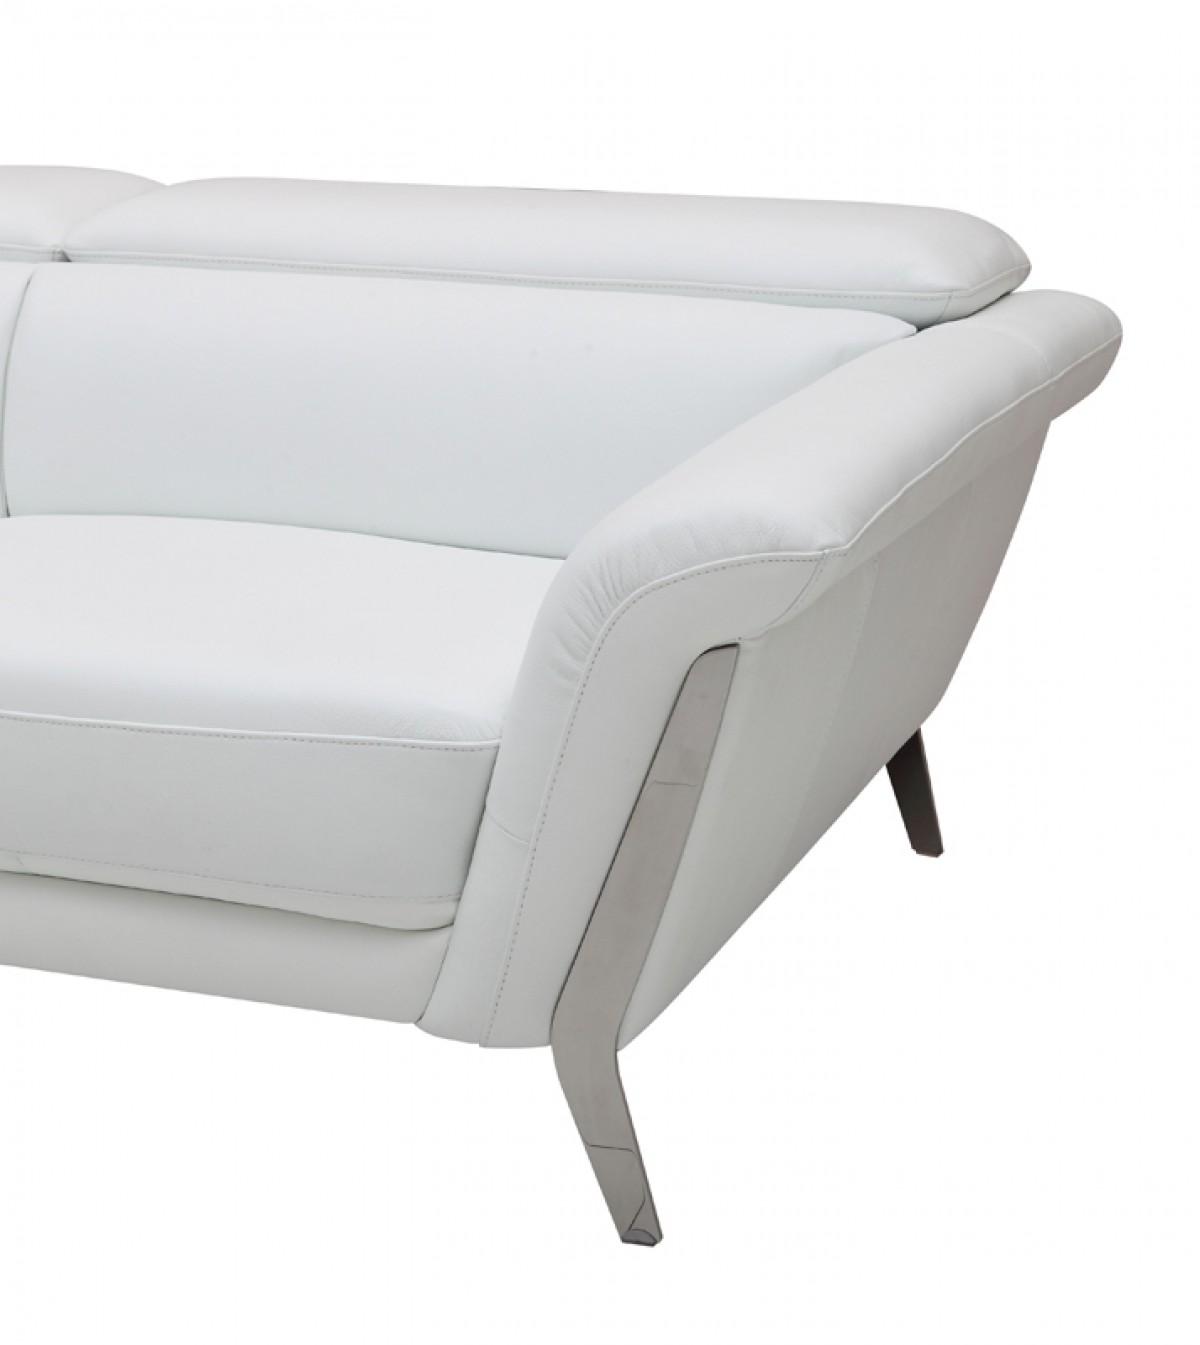 Italian Leather Sofa Set Modern: Modern White Upholstered In Italian Leather Sofa Set New York New York VIG-Ronen-1547